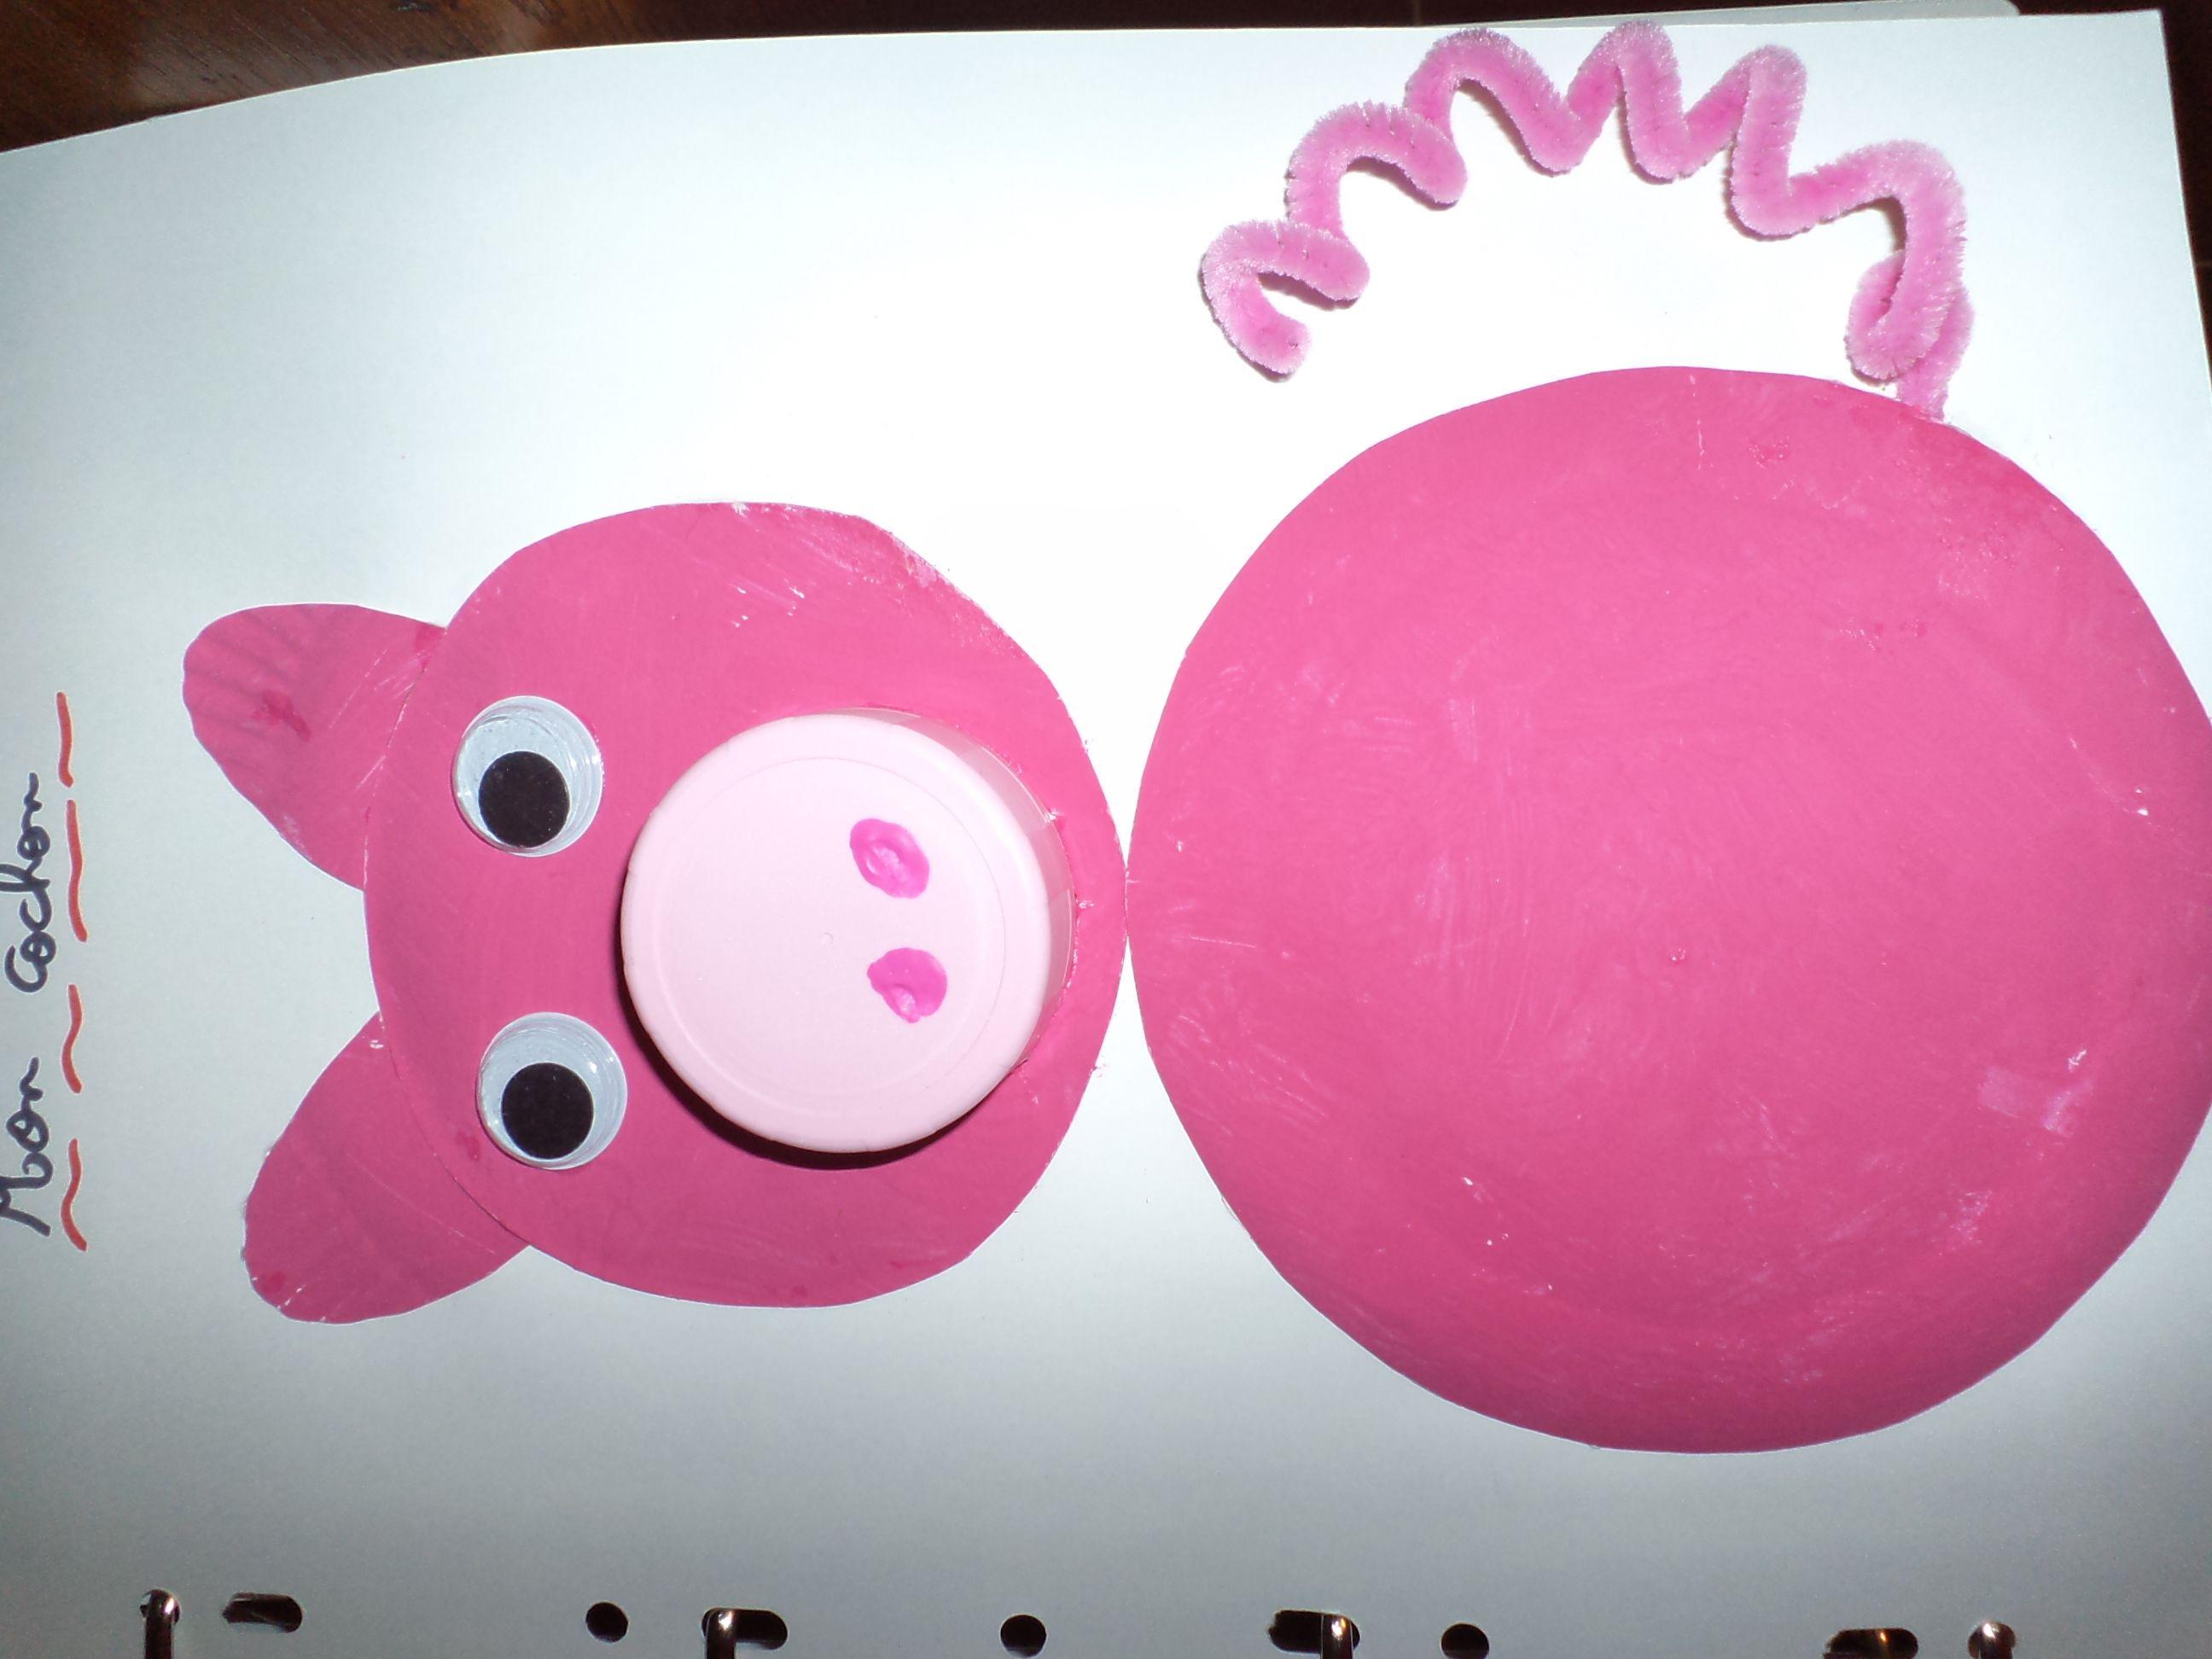 Papierpeint9 peindre sur papier peint vinyl peut on - Peindre du papier peint vinyl ...